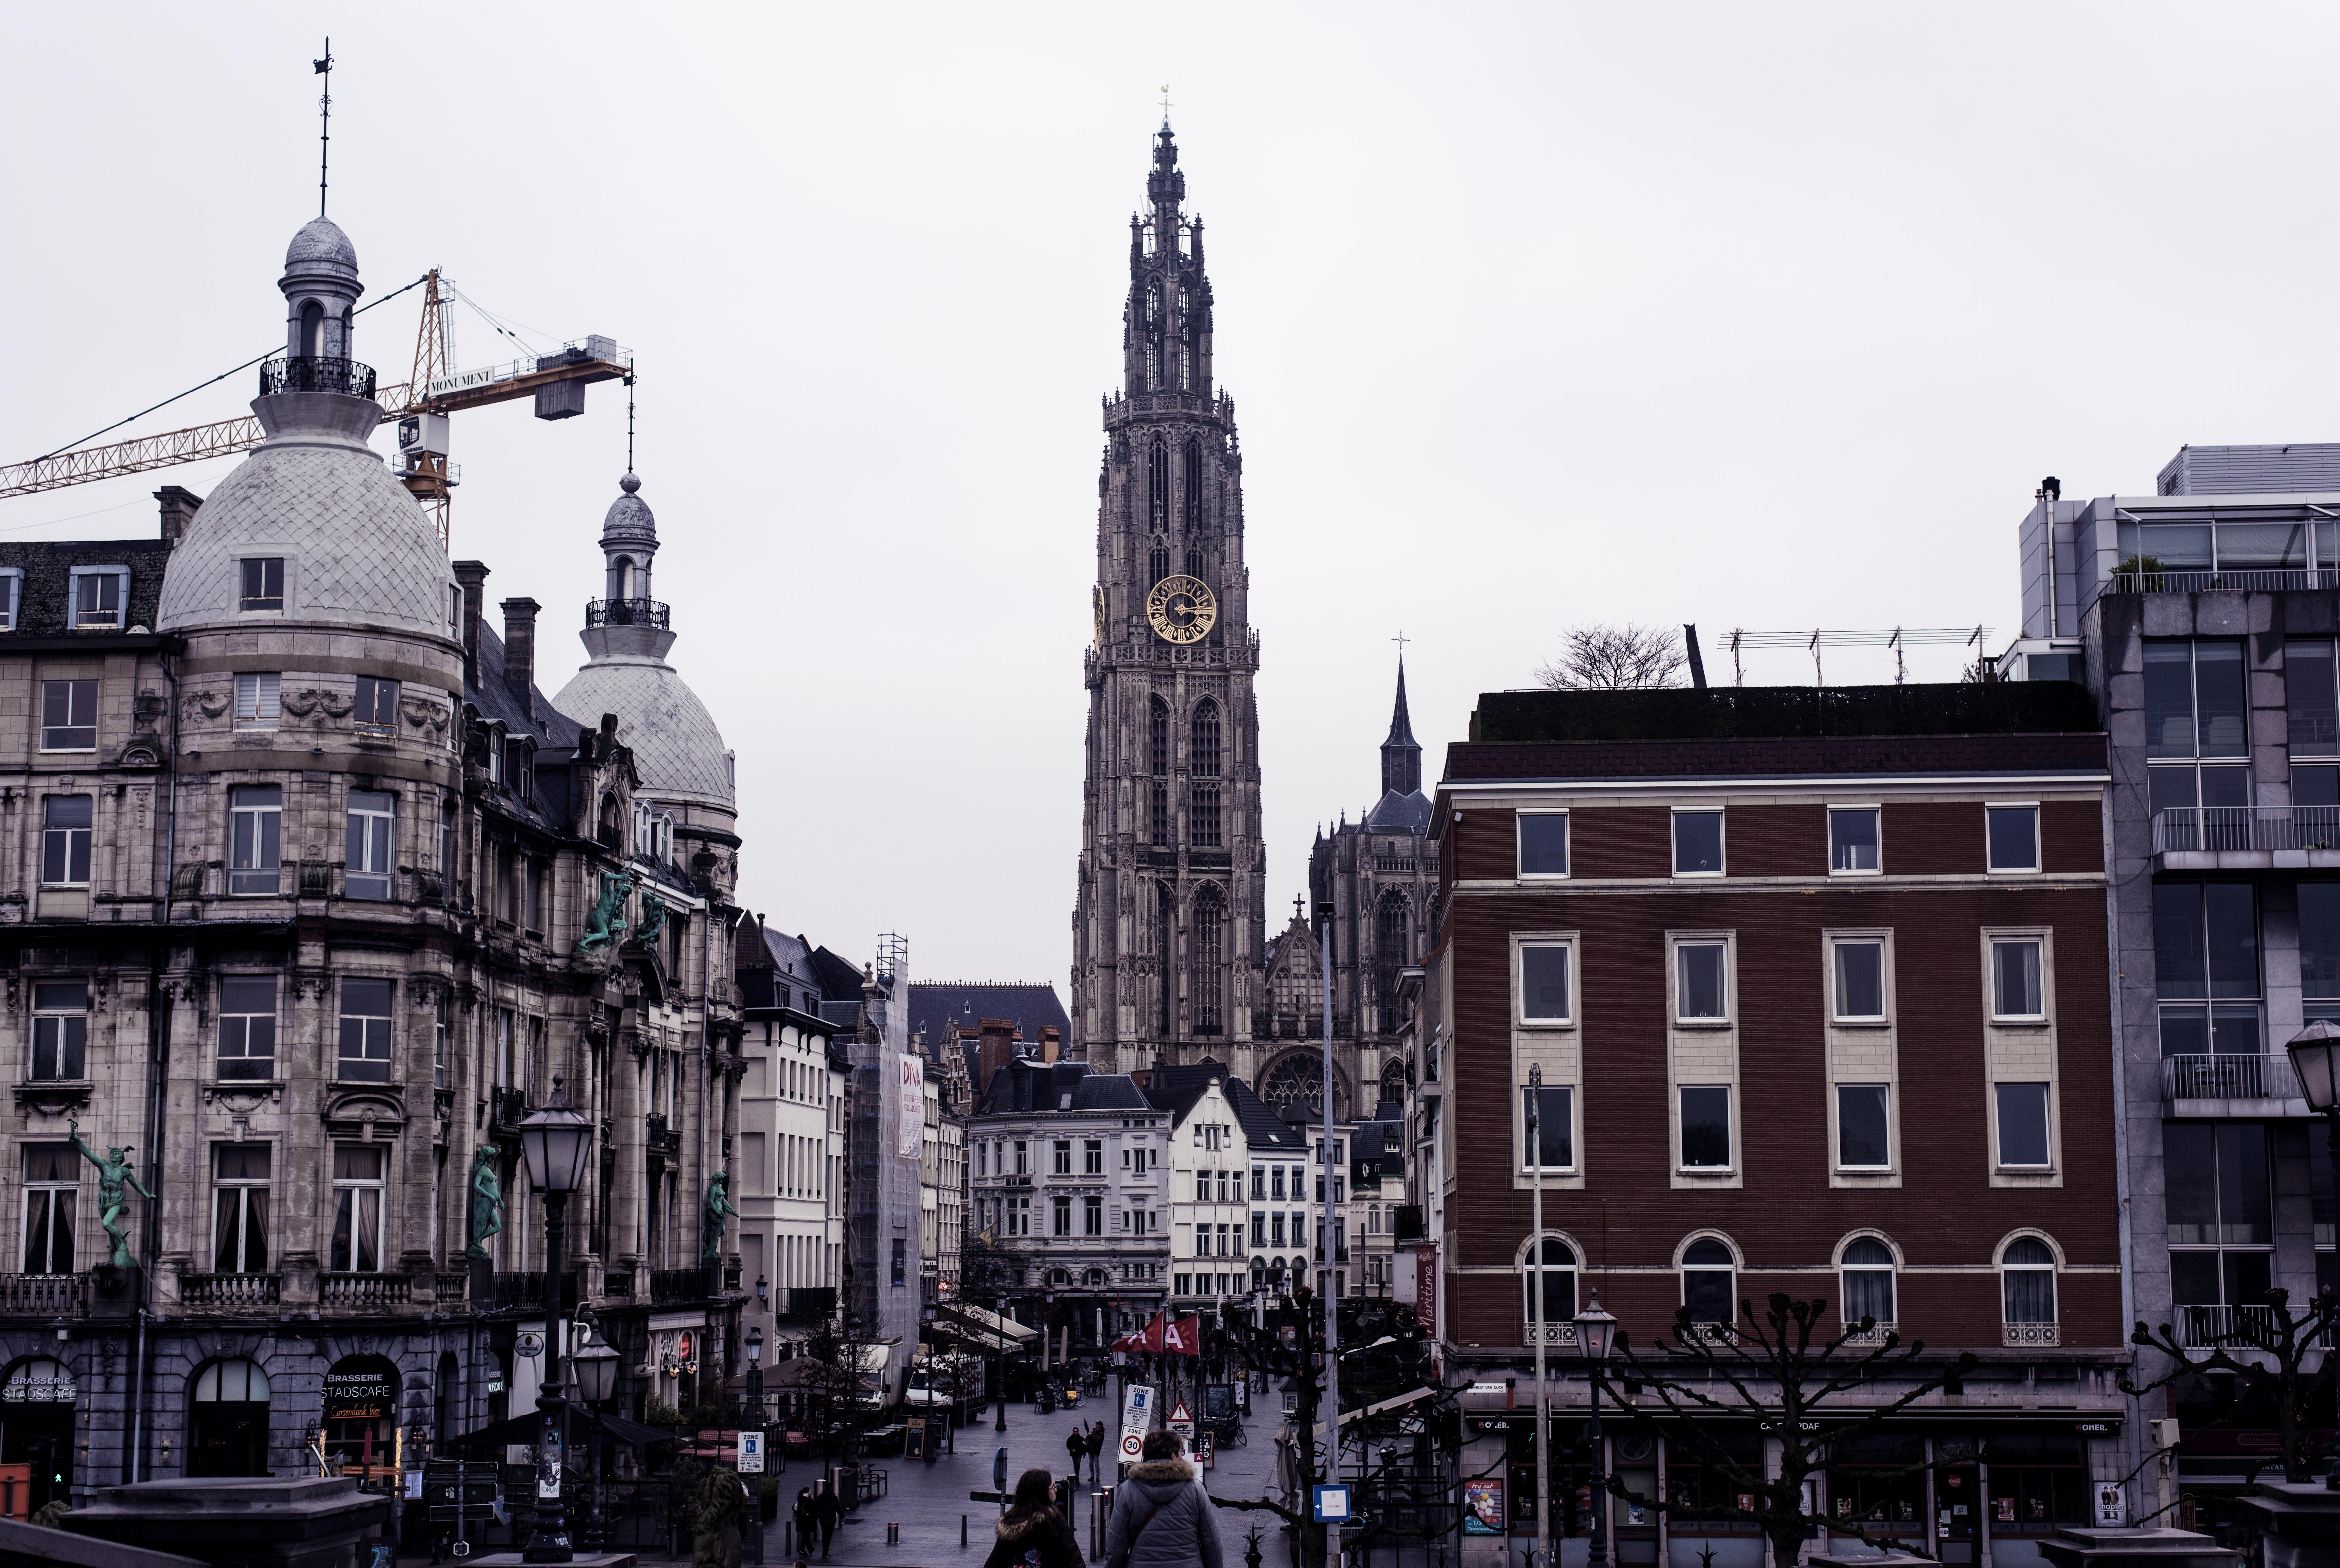 Onze-Lieve-Vrouwekathedraal Antwerp